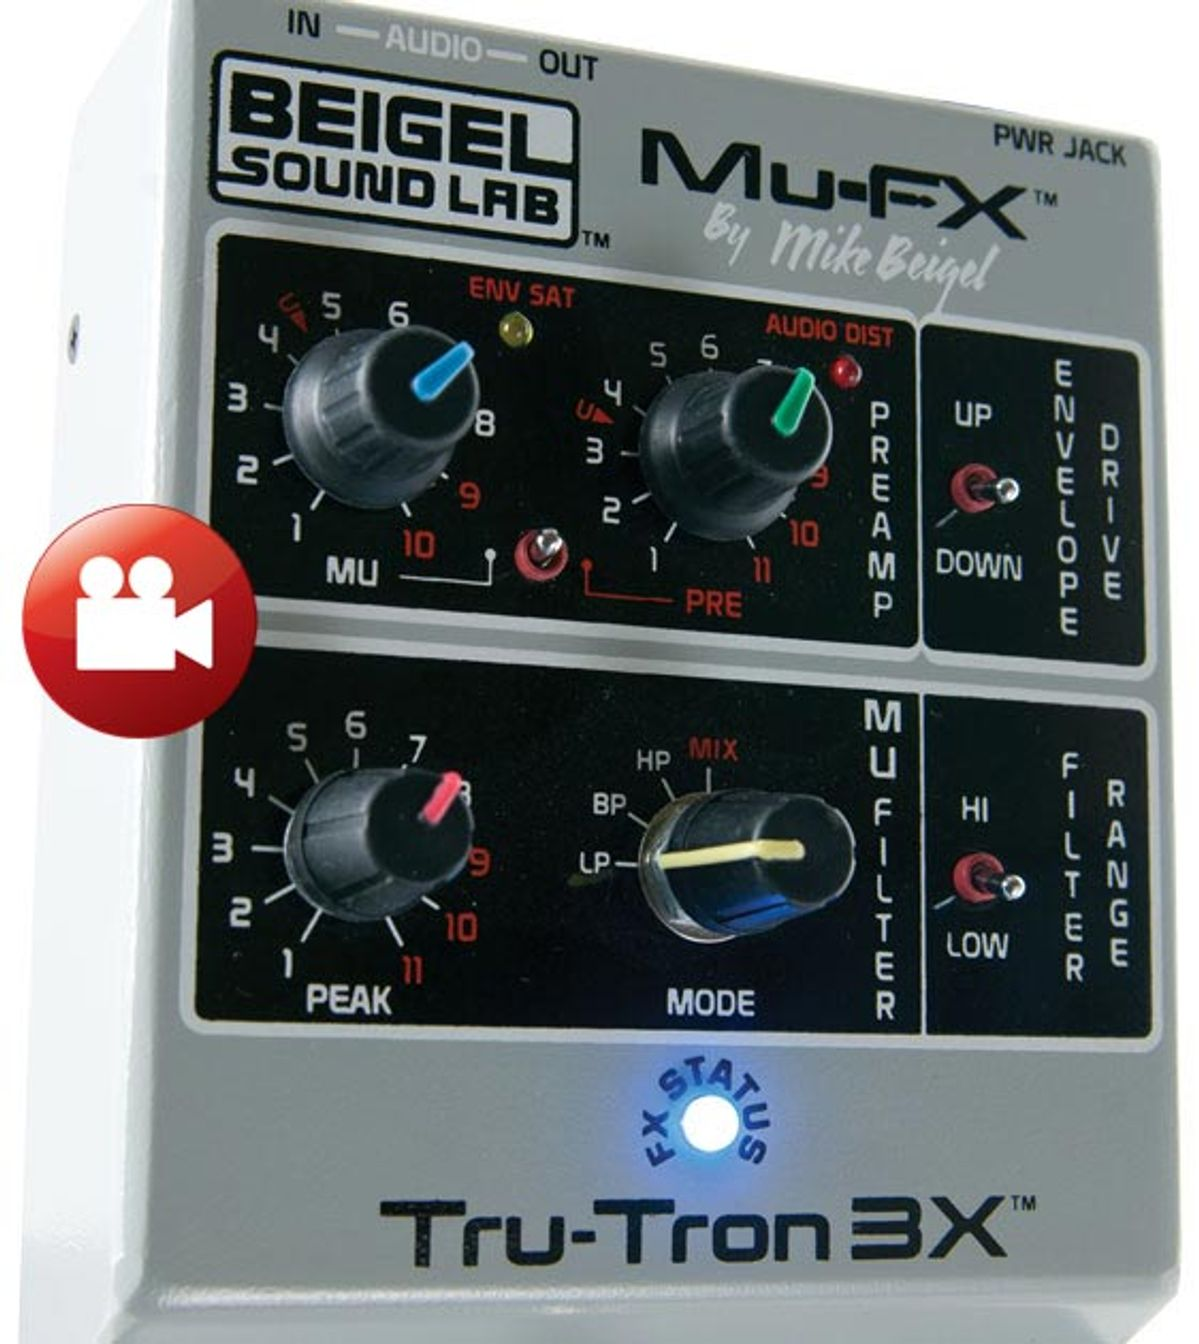 Beigel Sound Lab/Mu-FX Tru-Tron 3X Review